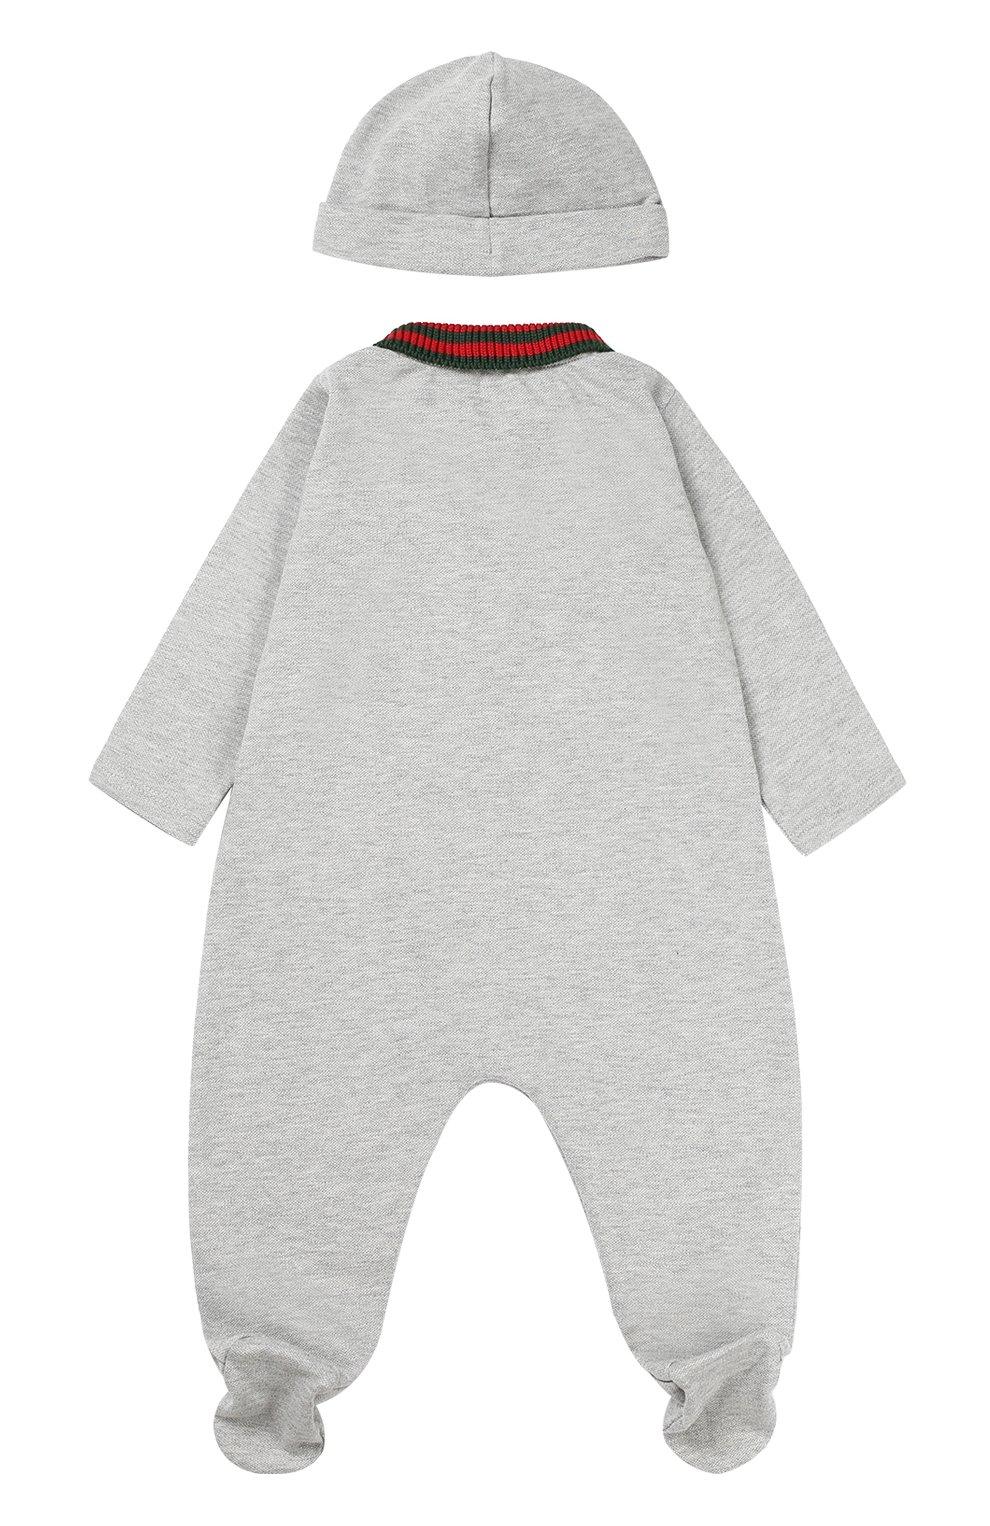 Детский комбинезон с шапкой и нагрудником GUCCI серого цвета, арт. 463438/X5Q23 | Фото 2